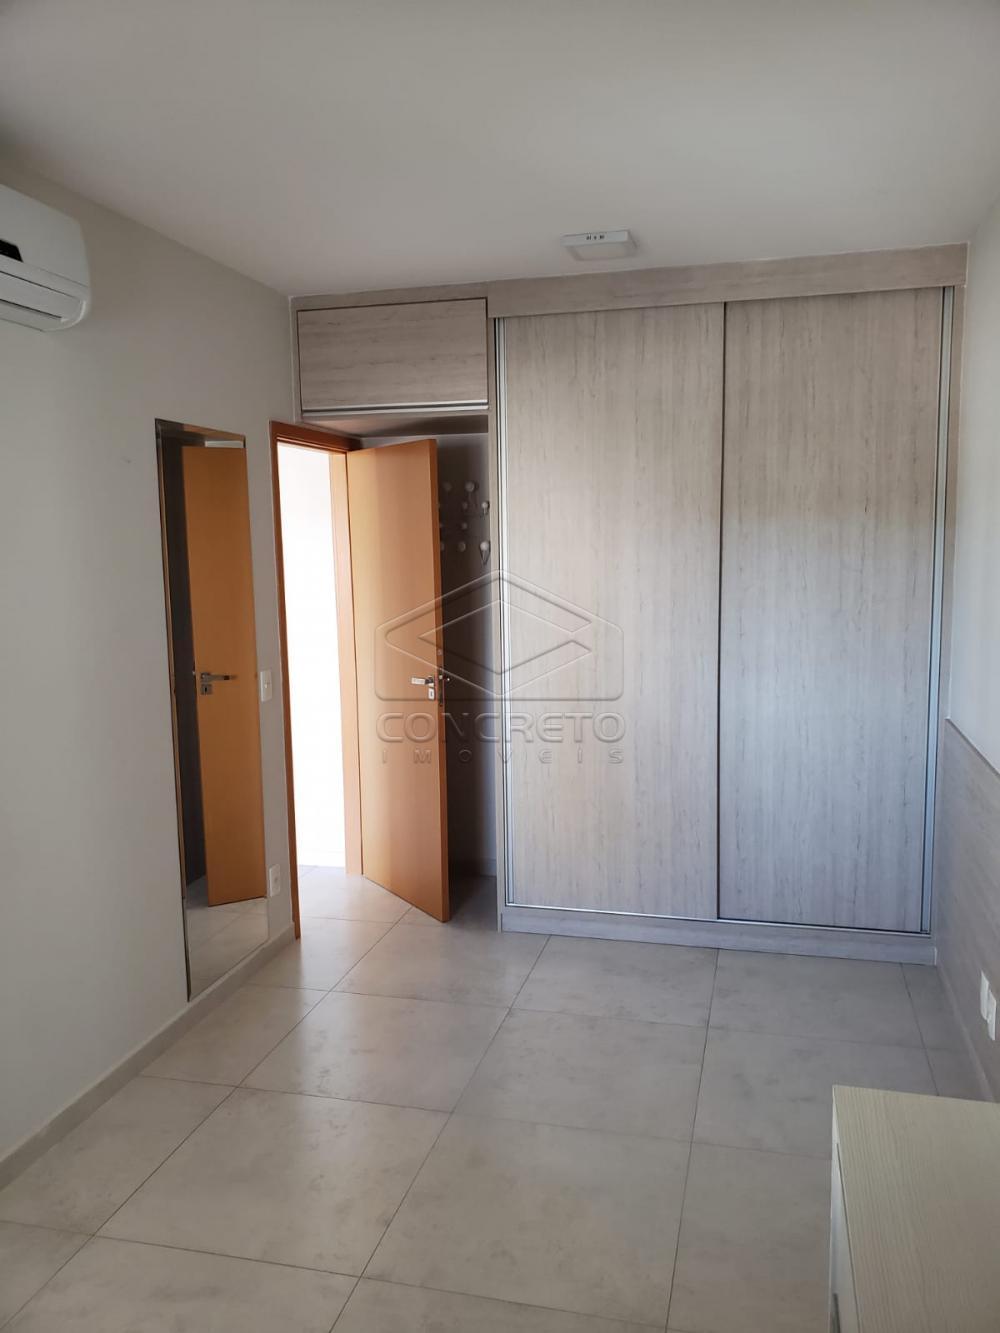 Comprar Apartamento / Padrão em Bauru R$ 360.000,00 - Foto 8